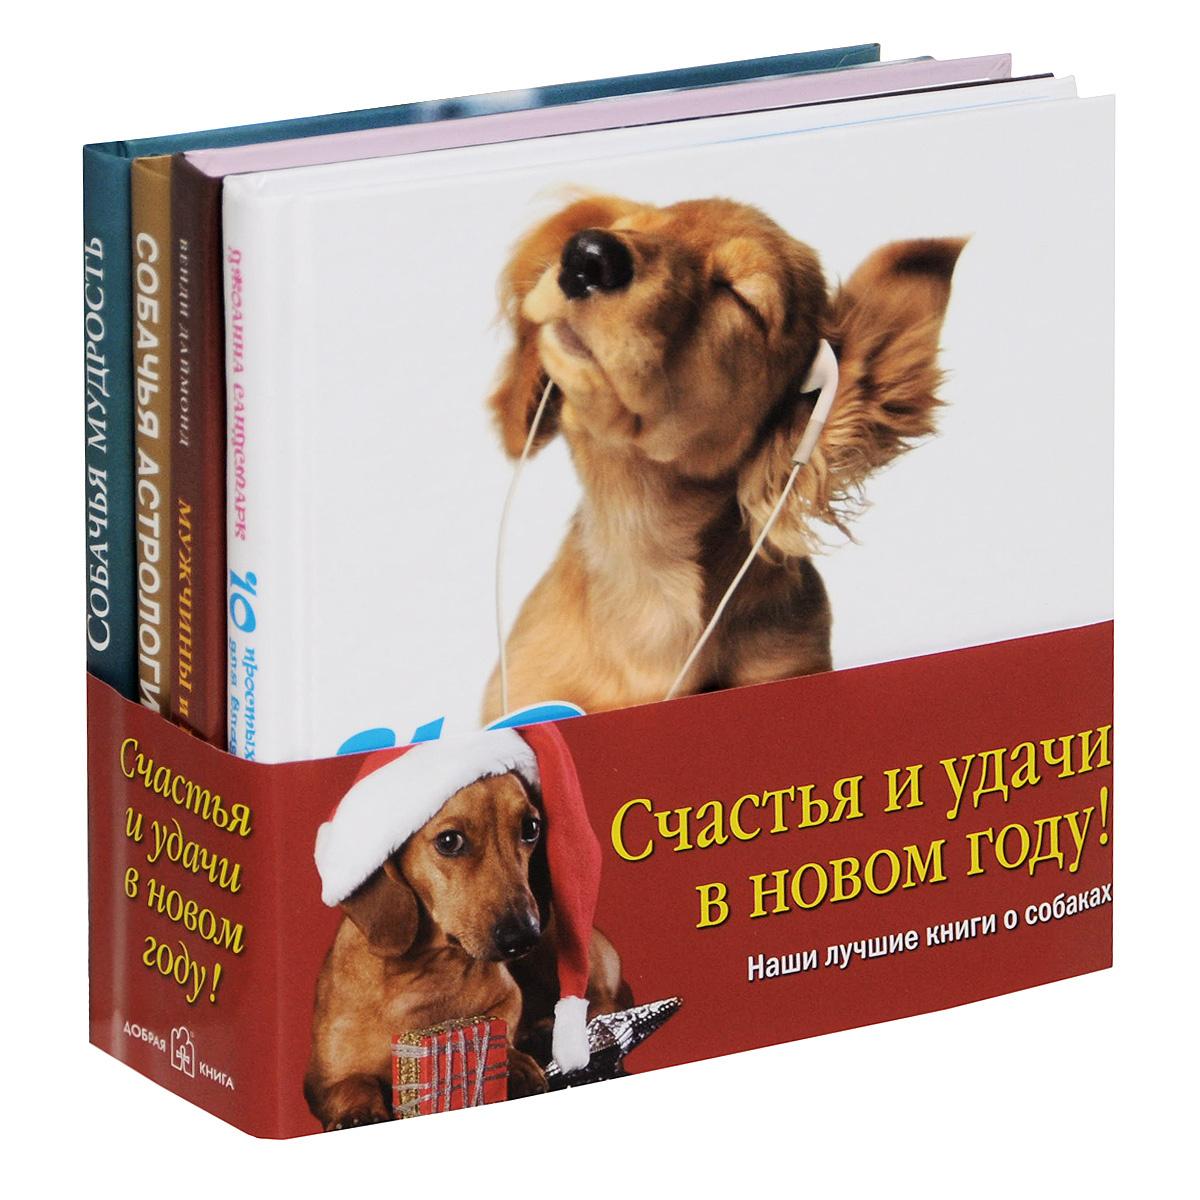 Наши лучшие книги о собаках (комплект из 4 книг) | Уитфилд Кит, Гринолл Пэтти  #1